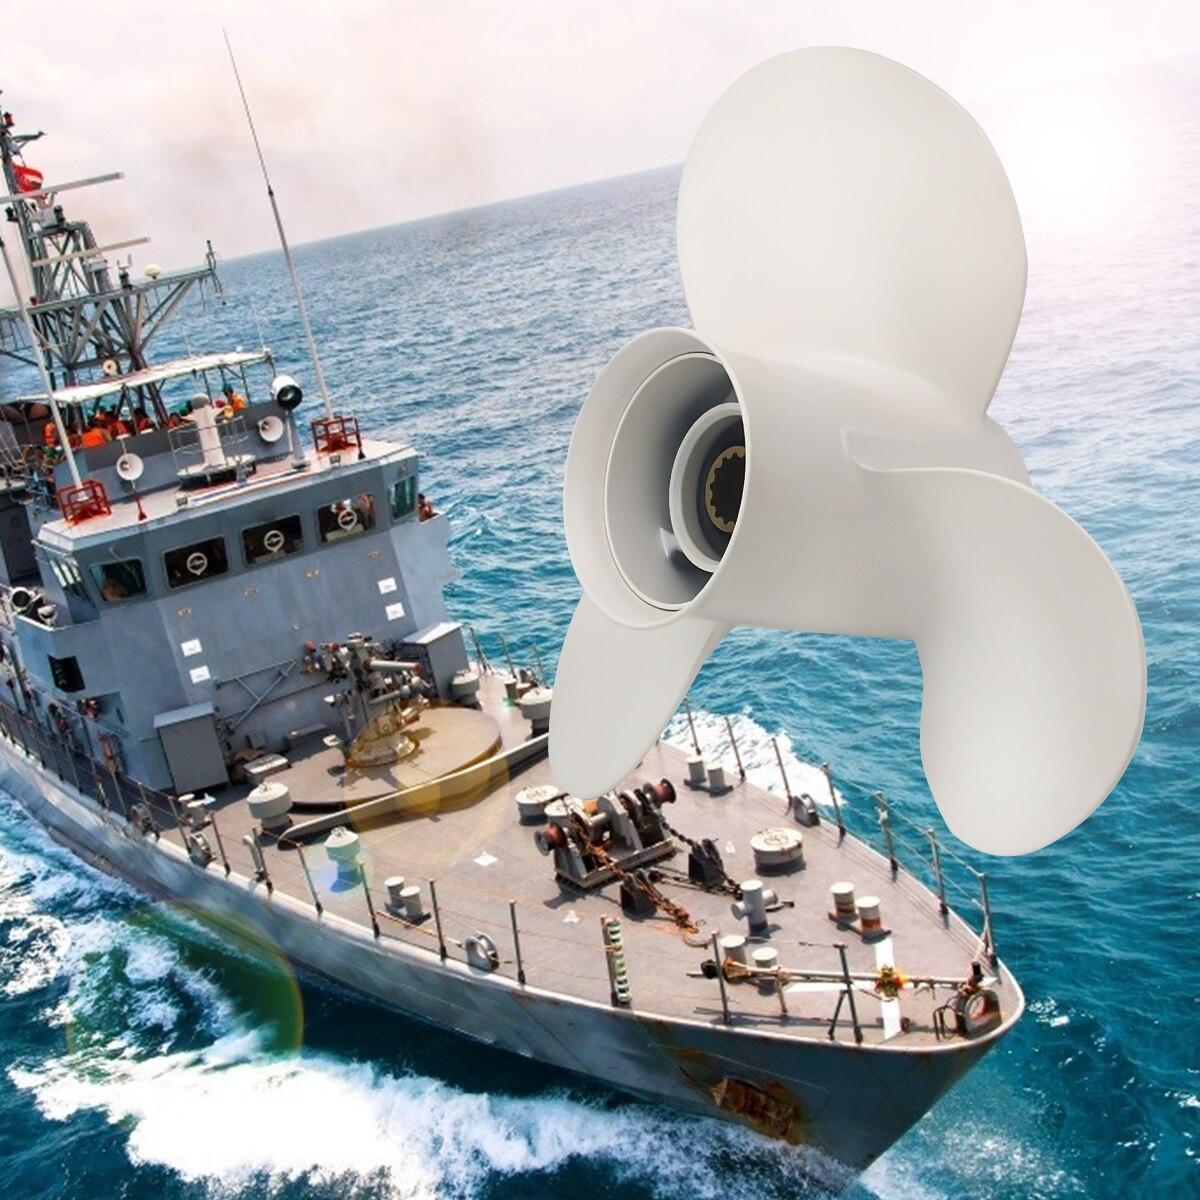 مروحة خارجية 25-60HP ، 11 1/8X13 ، قطع غيار وملحقات قارب المروحة البحرية لياماها 25-60HP 69W-45945-00-EL